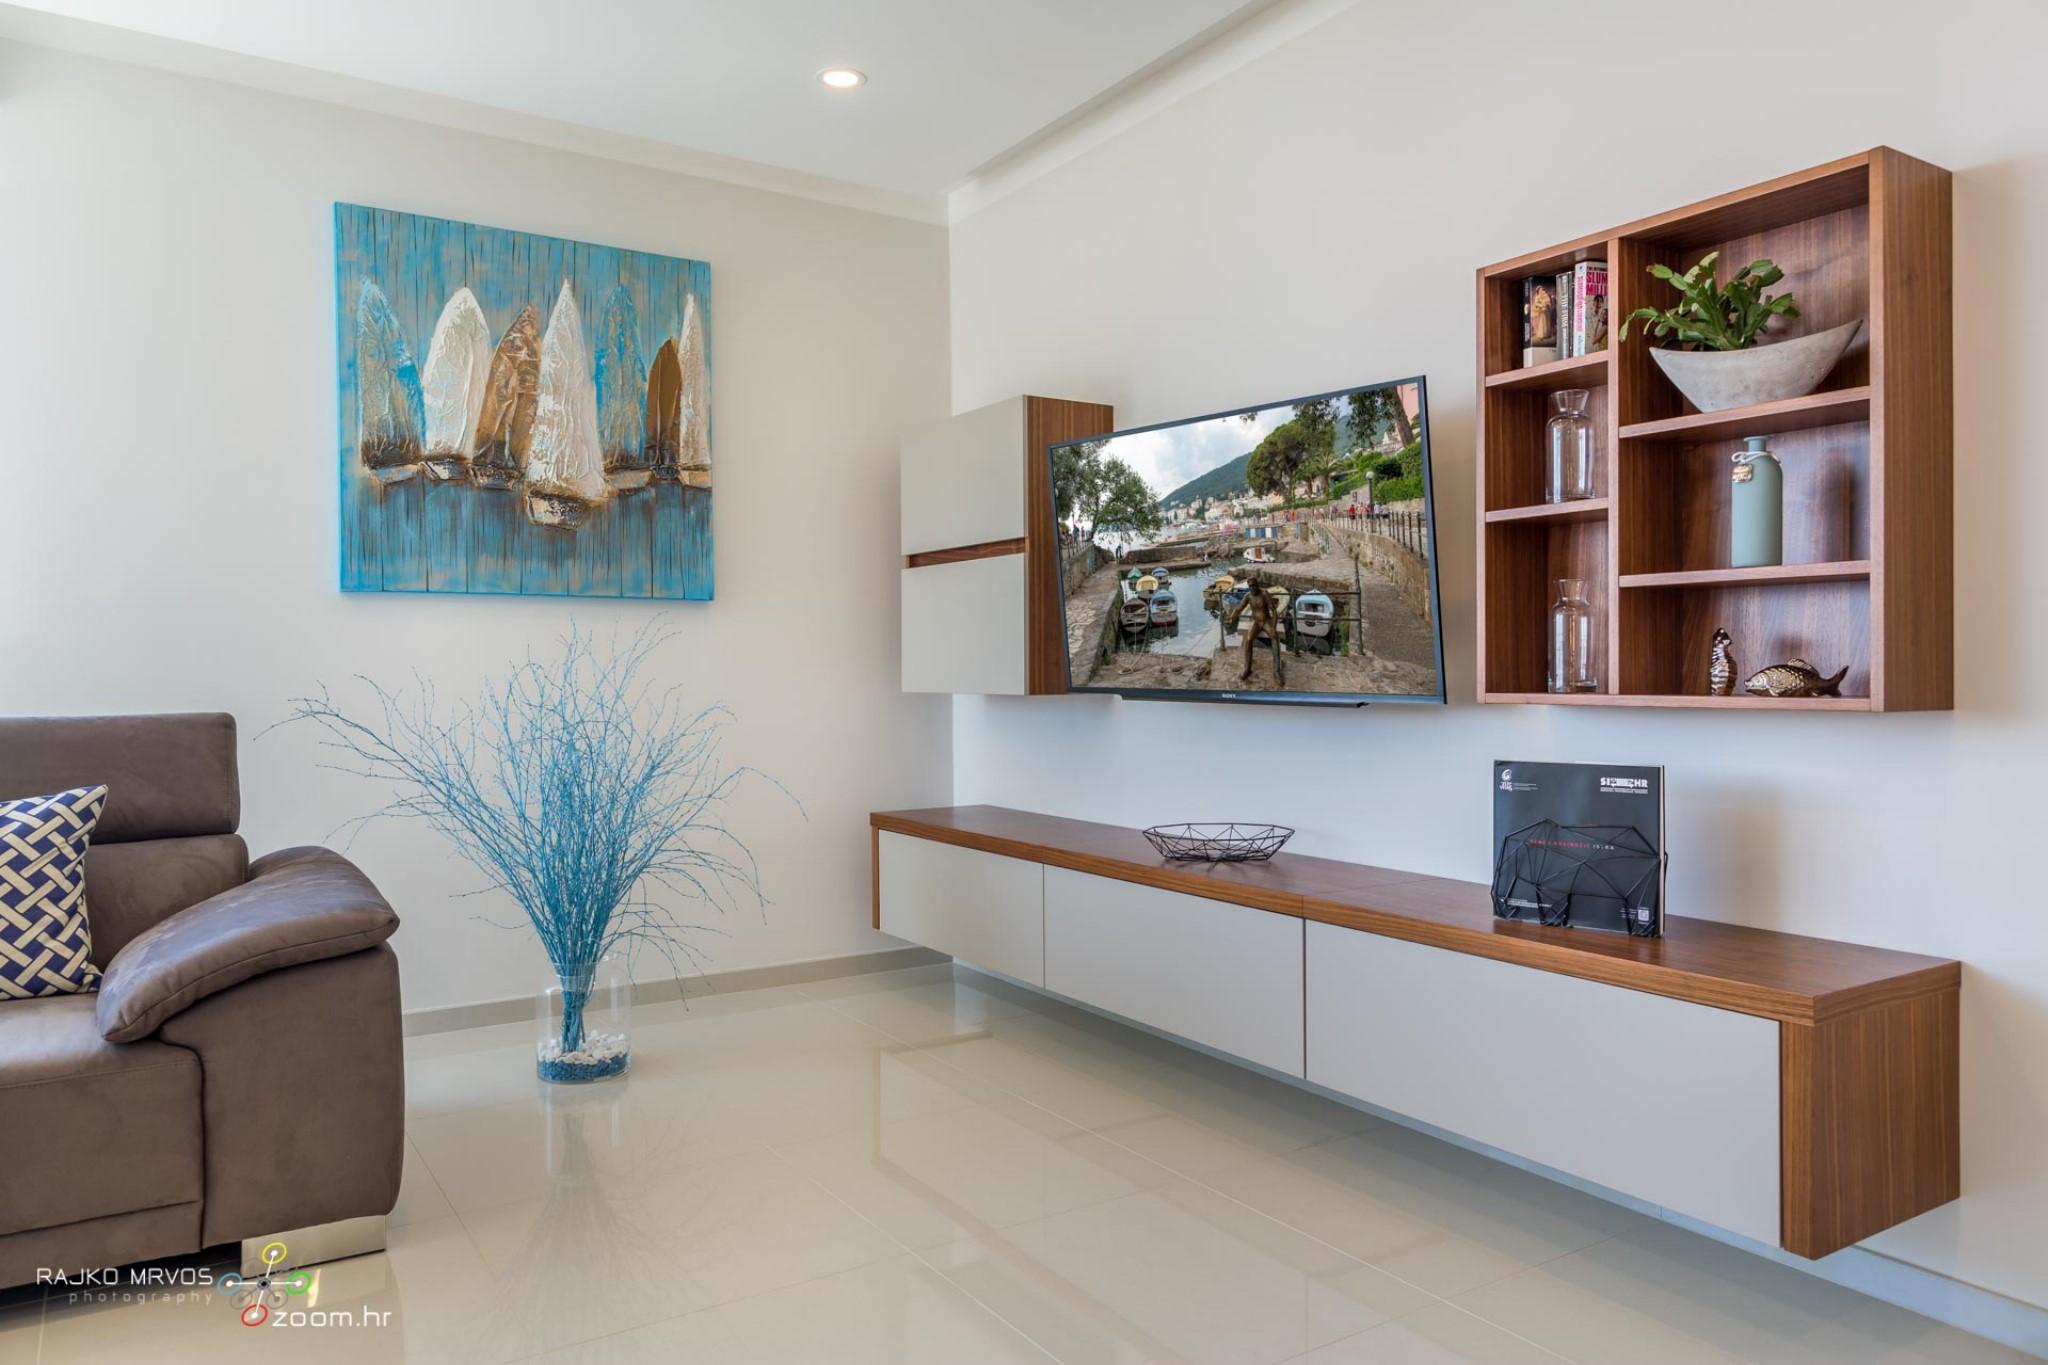 fotografiranje-interijera-fotograf-eksterijera-apartmana-vila-kuca-hotela-apartman-Pobri-Opatija-46